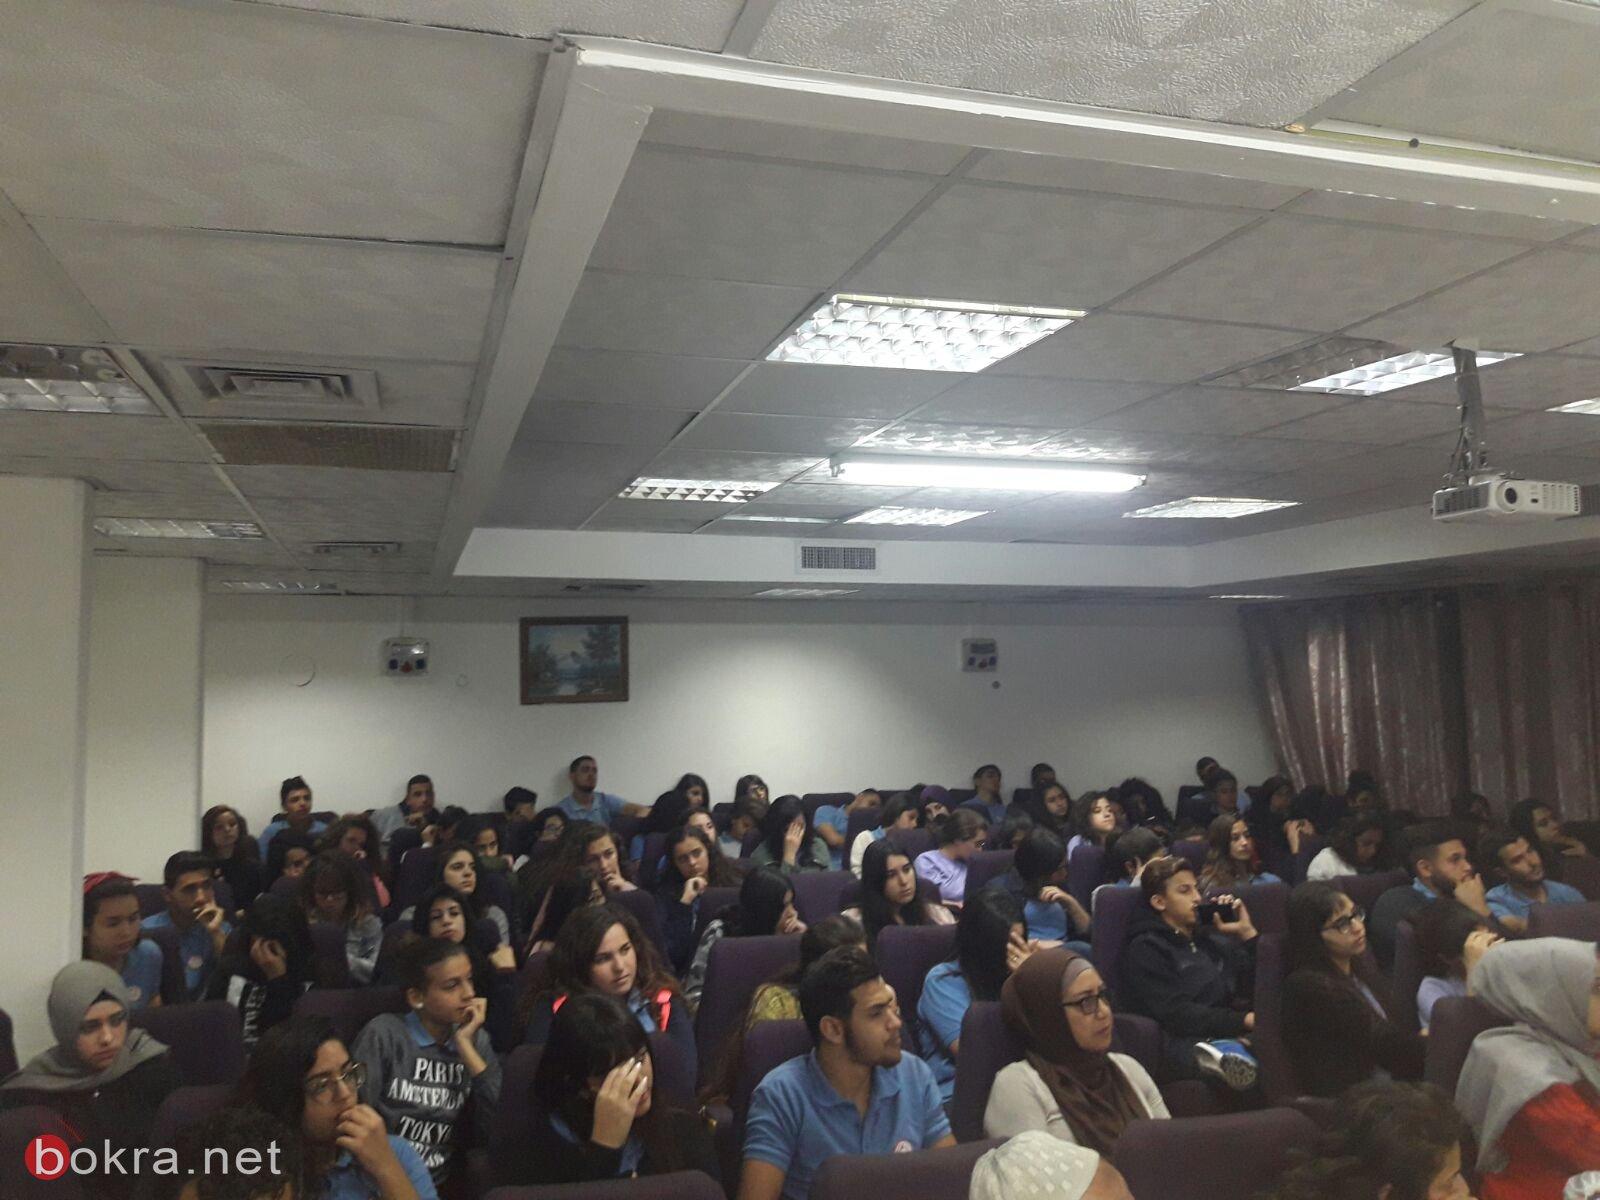 سخنين: يوم التسامح في مدرسة جمال طربيه الثانوية